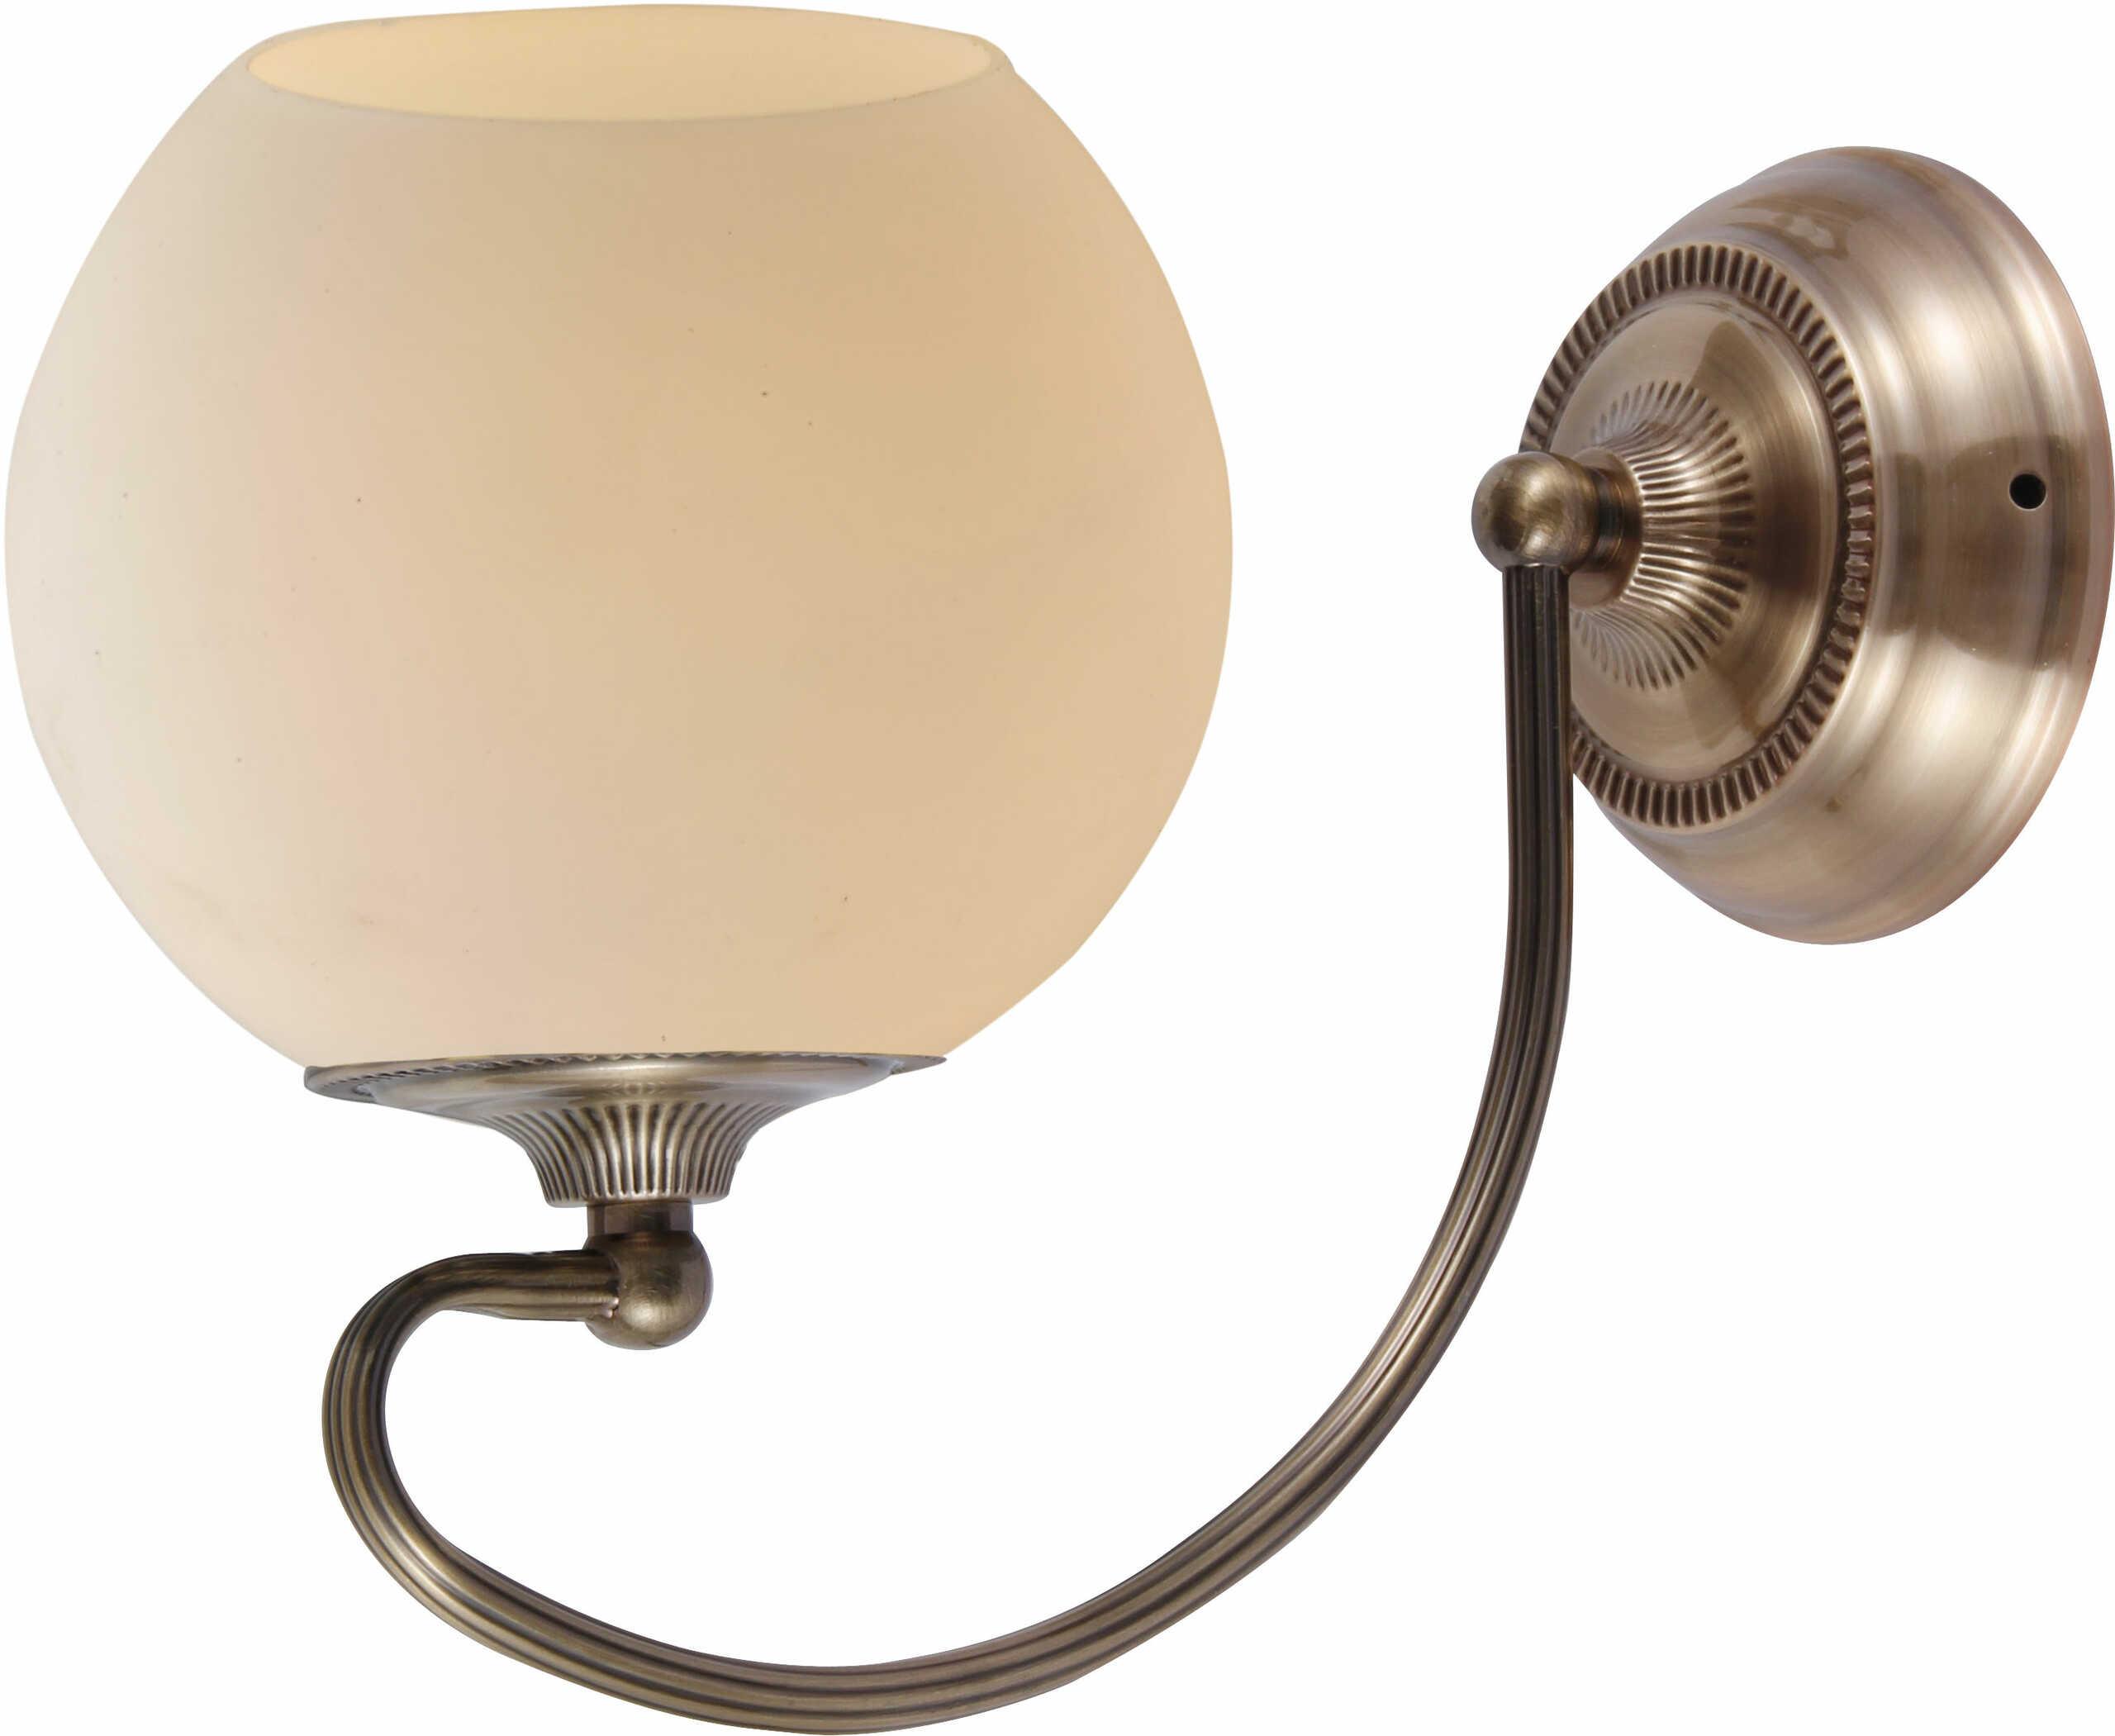 Candellux ORBIT 21-69344 kinkiet lampa ścienna patynowa miedź szklany klosz 1X60W E27 13cm